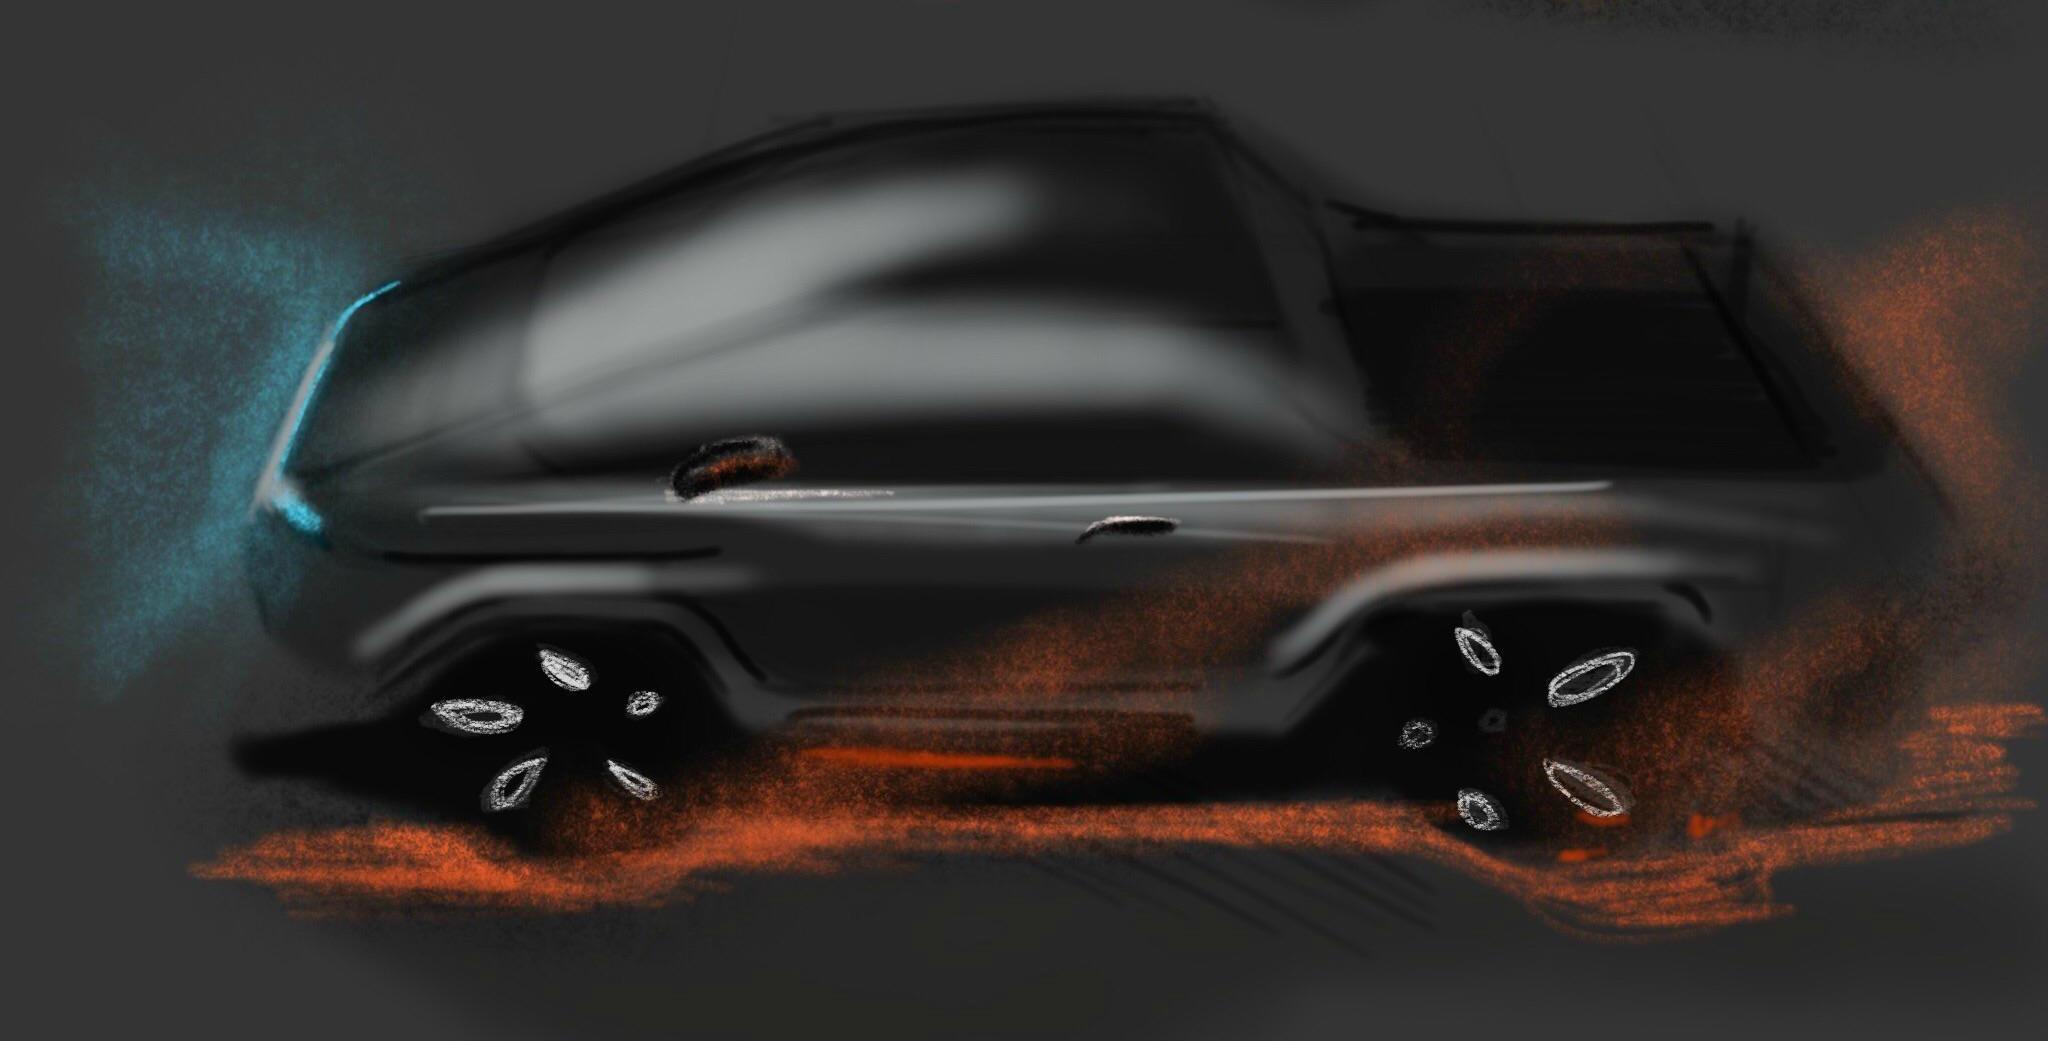 Des fans imaginent le design futuriste du pick-up Tesla, alias le «Cyberpunk Truck»